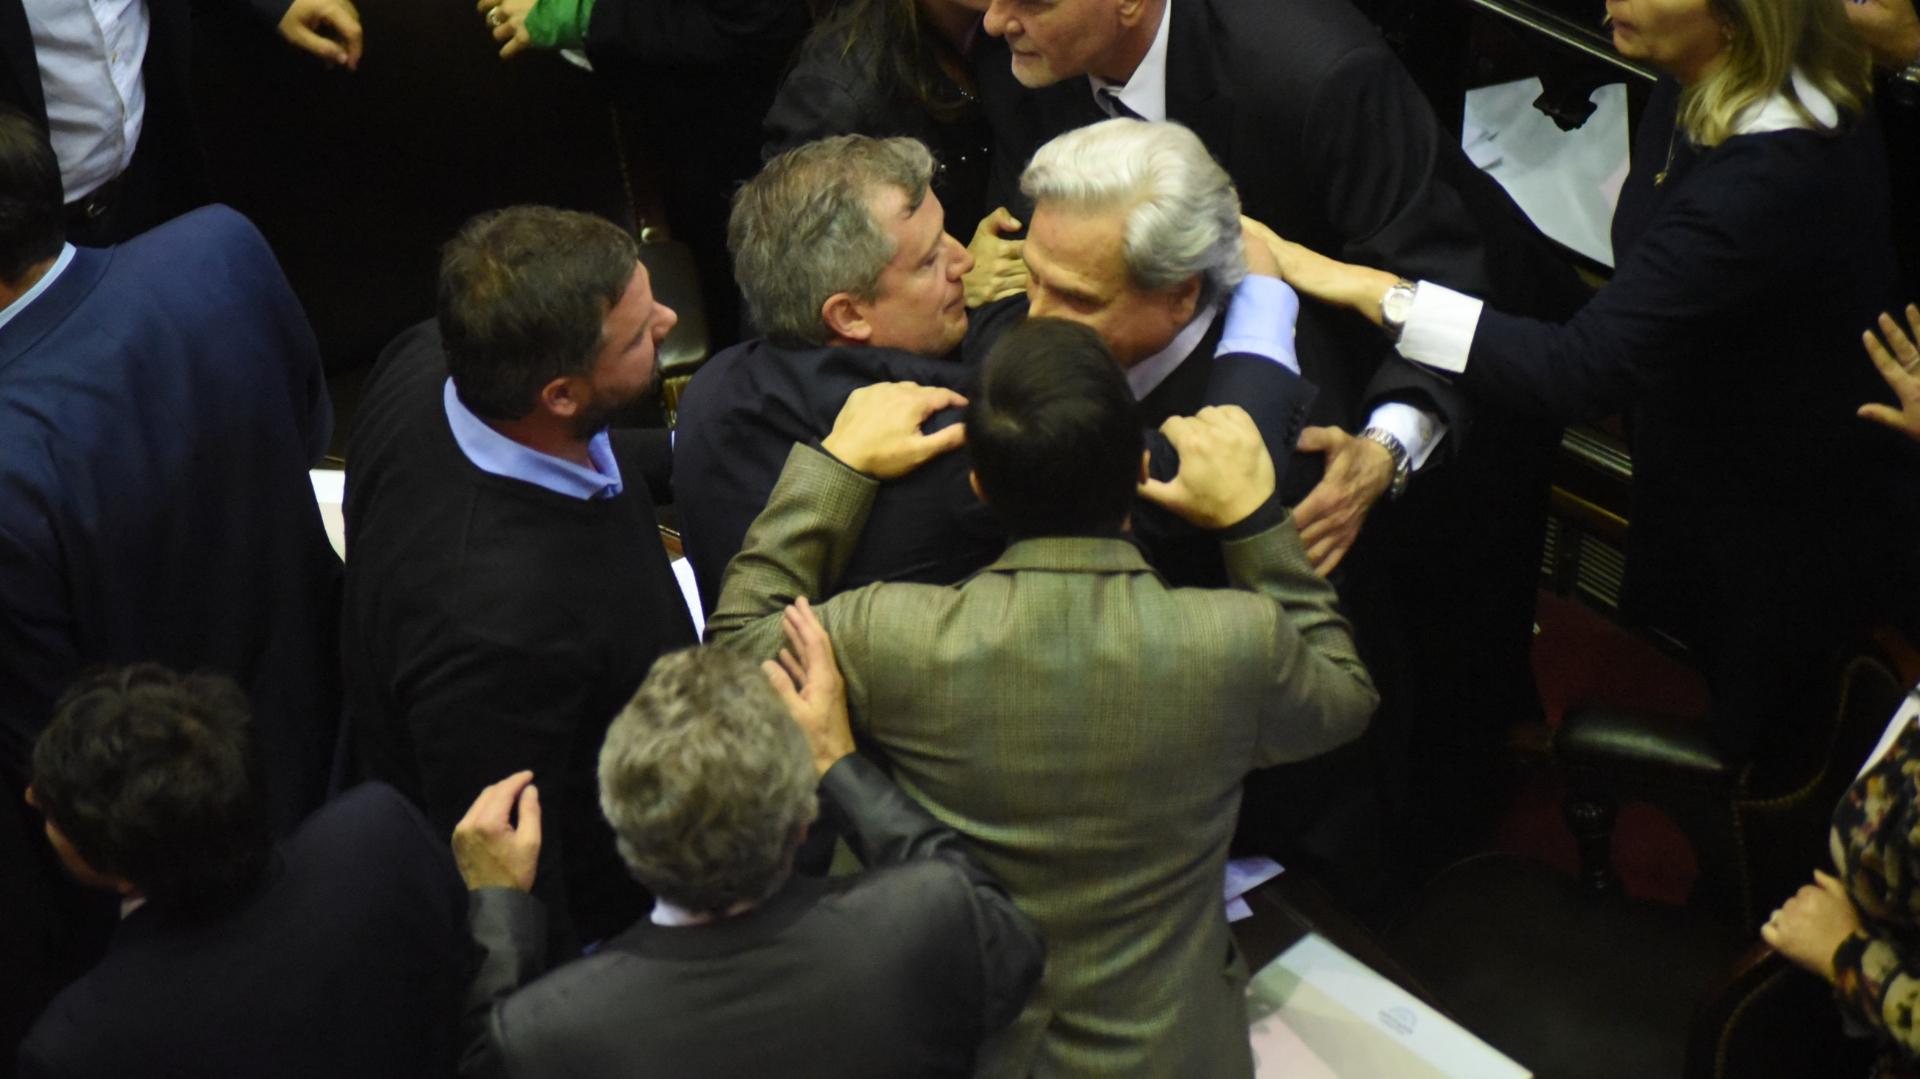 Emilio Monzó intercedió para que los incidentes no pasaran a mayor